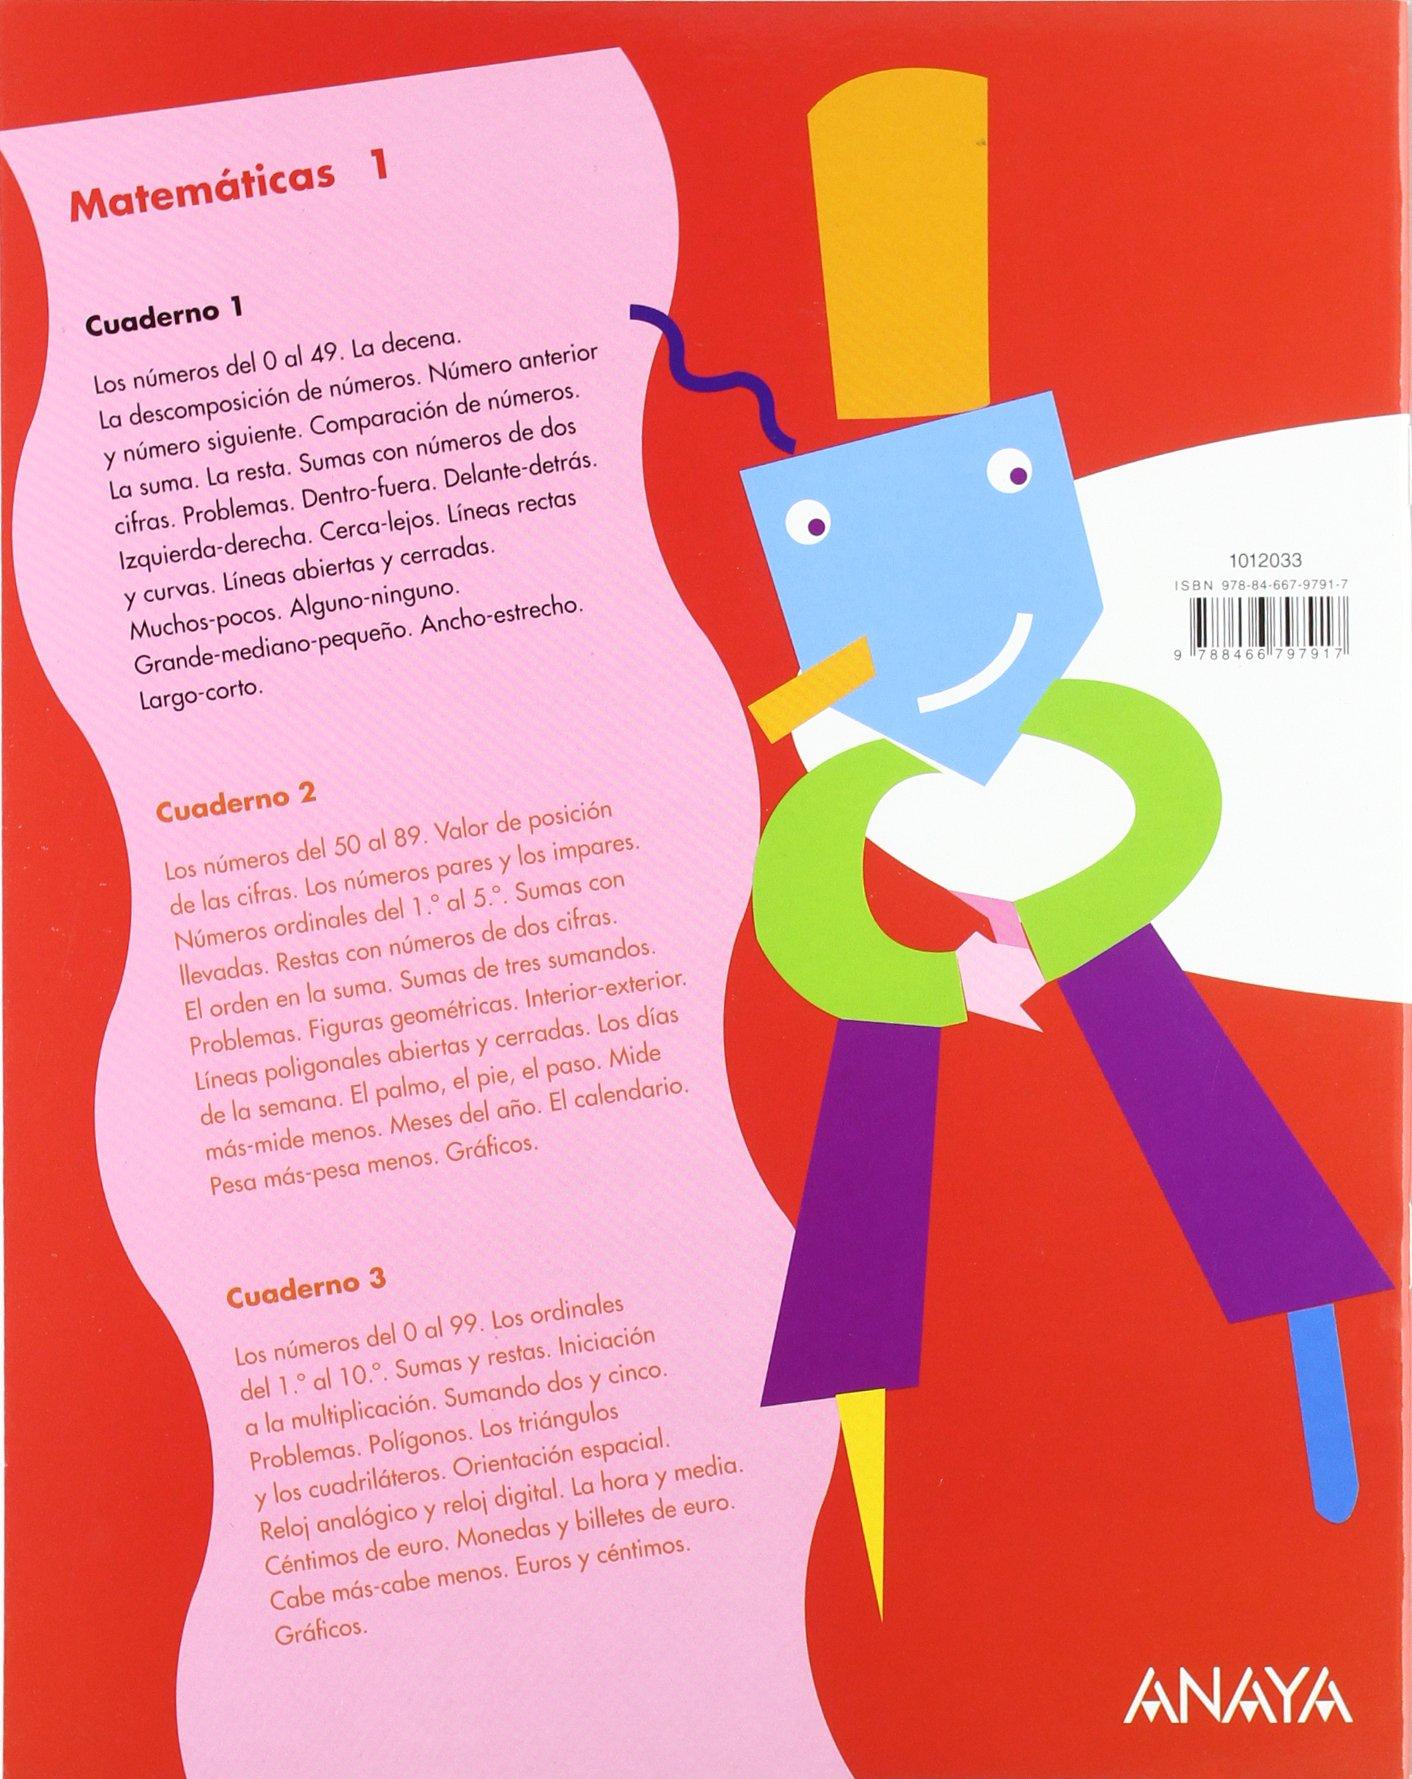 Matemáticas 1. Cuaderno 1.: Emma;González López, Lourdes;Muiño Blasco, M.ª Teresa Pérez Madorrán: 9788466797917: Amazon.com: Books